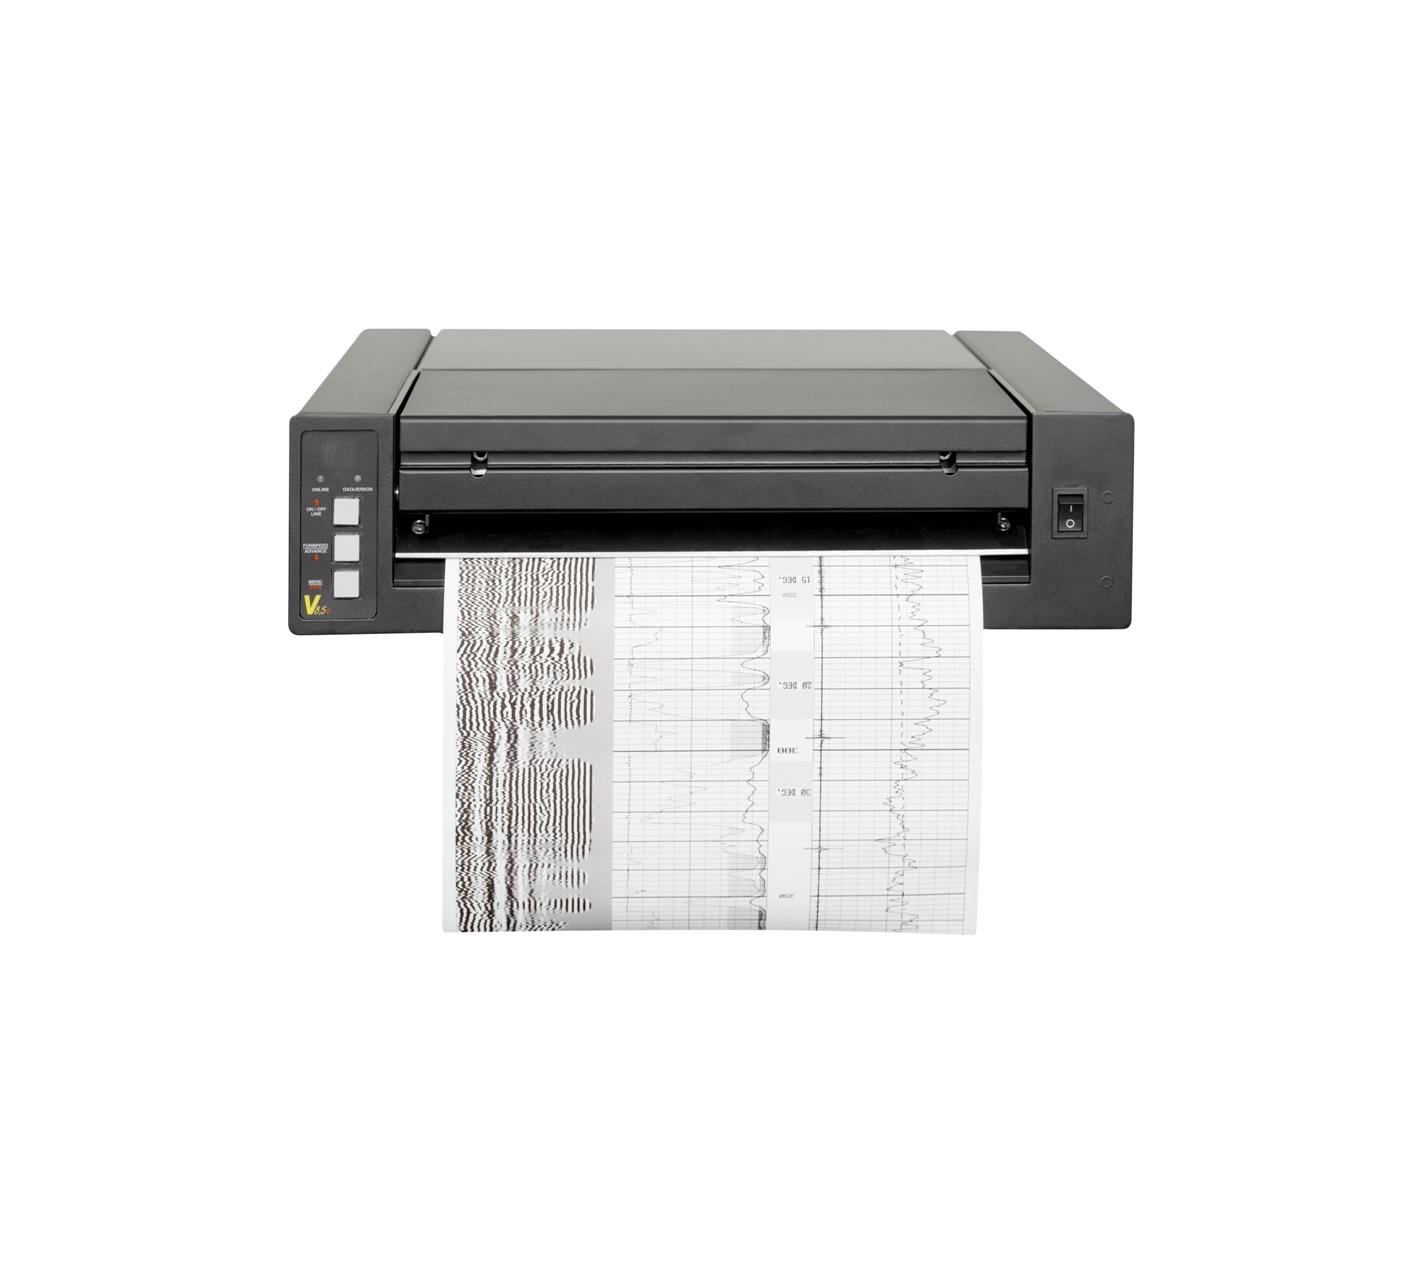 V8.5e_well_log_printer_plotter_thermal.jpg